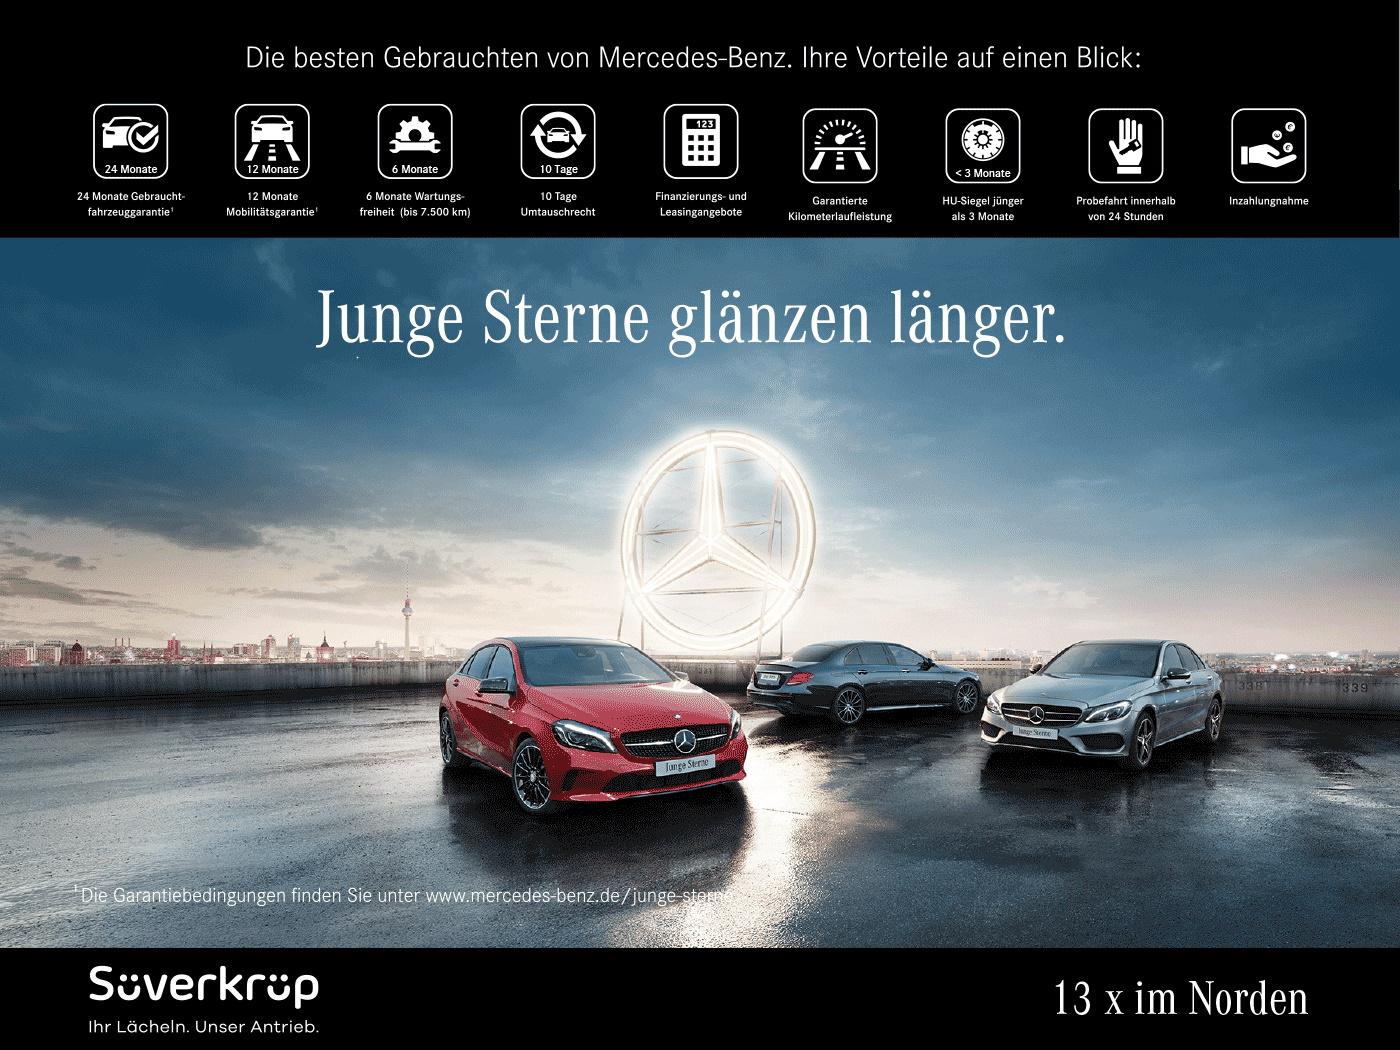 Mercedes-Benz S 400 d 4MATIC Limousine Pano/Comand/Burmester/M, Jahr 2017, Diesel